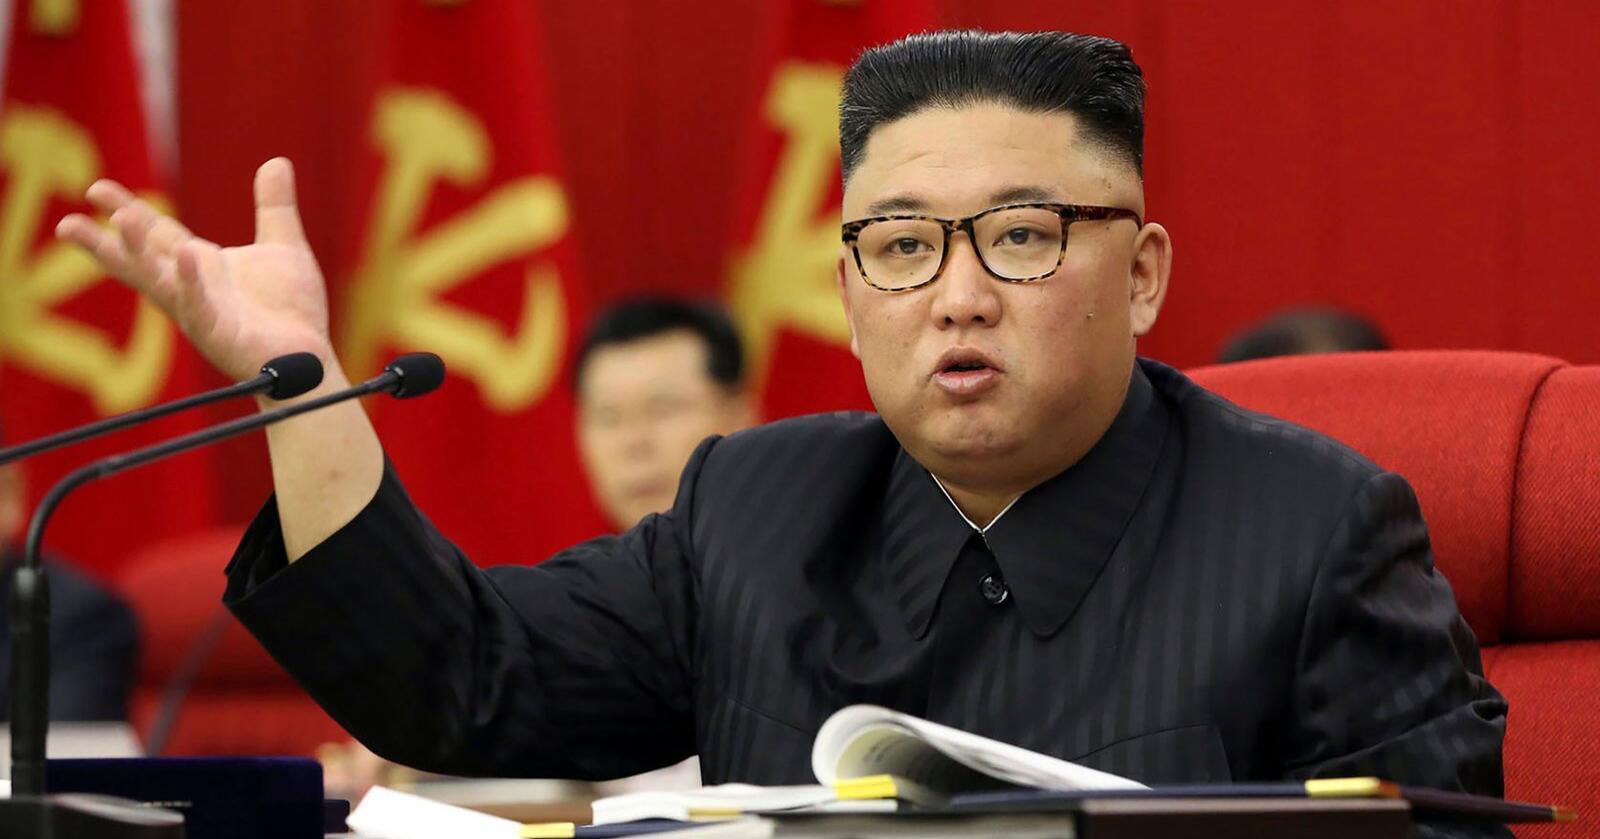 Nord-Koreas leder Kim Jong-un advarte denne uka partifellene om at landets matsituasjon er vanskelig. Foto: KCNA via AP / NTB